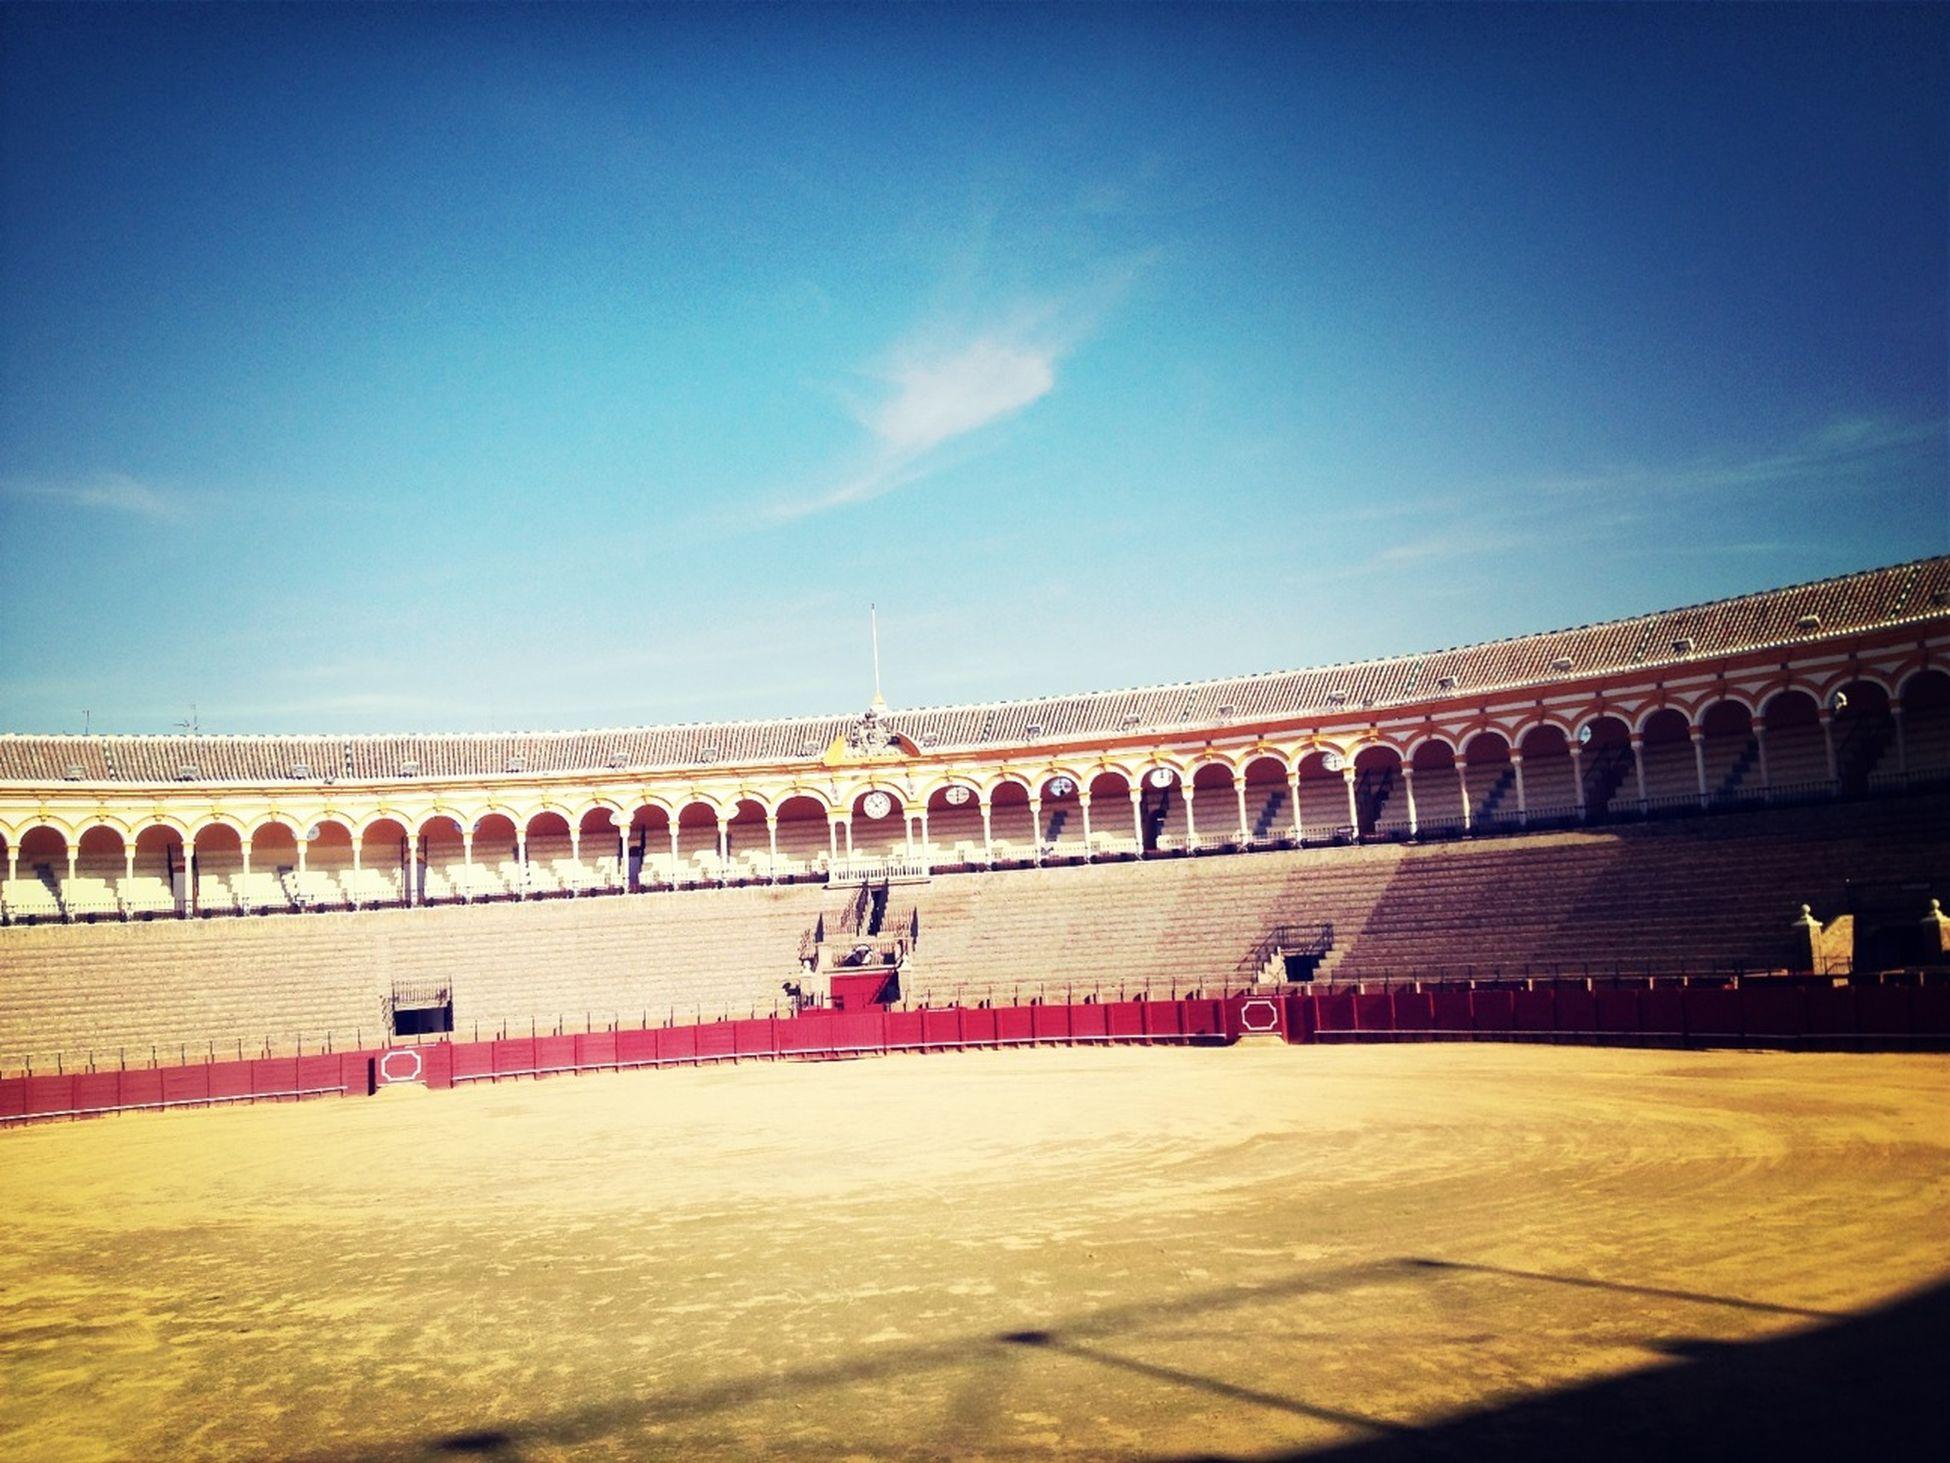 Bull Fighting In Seville